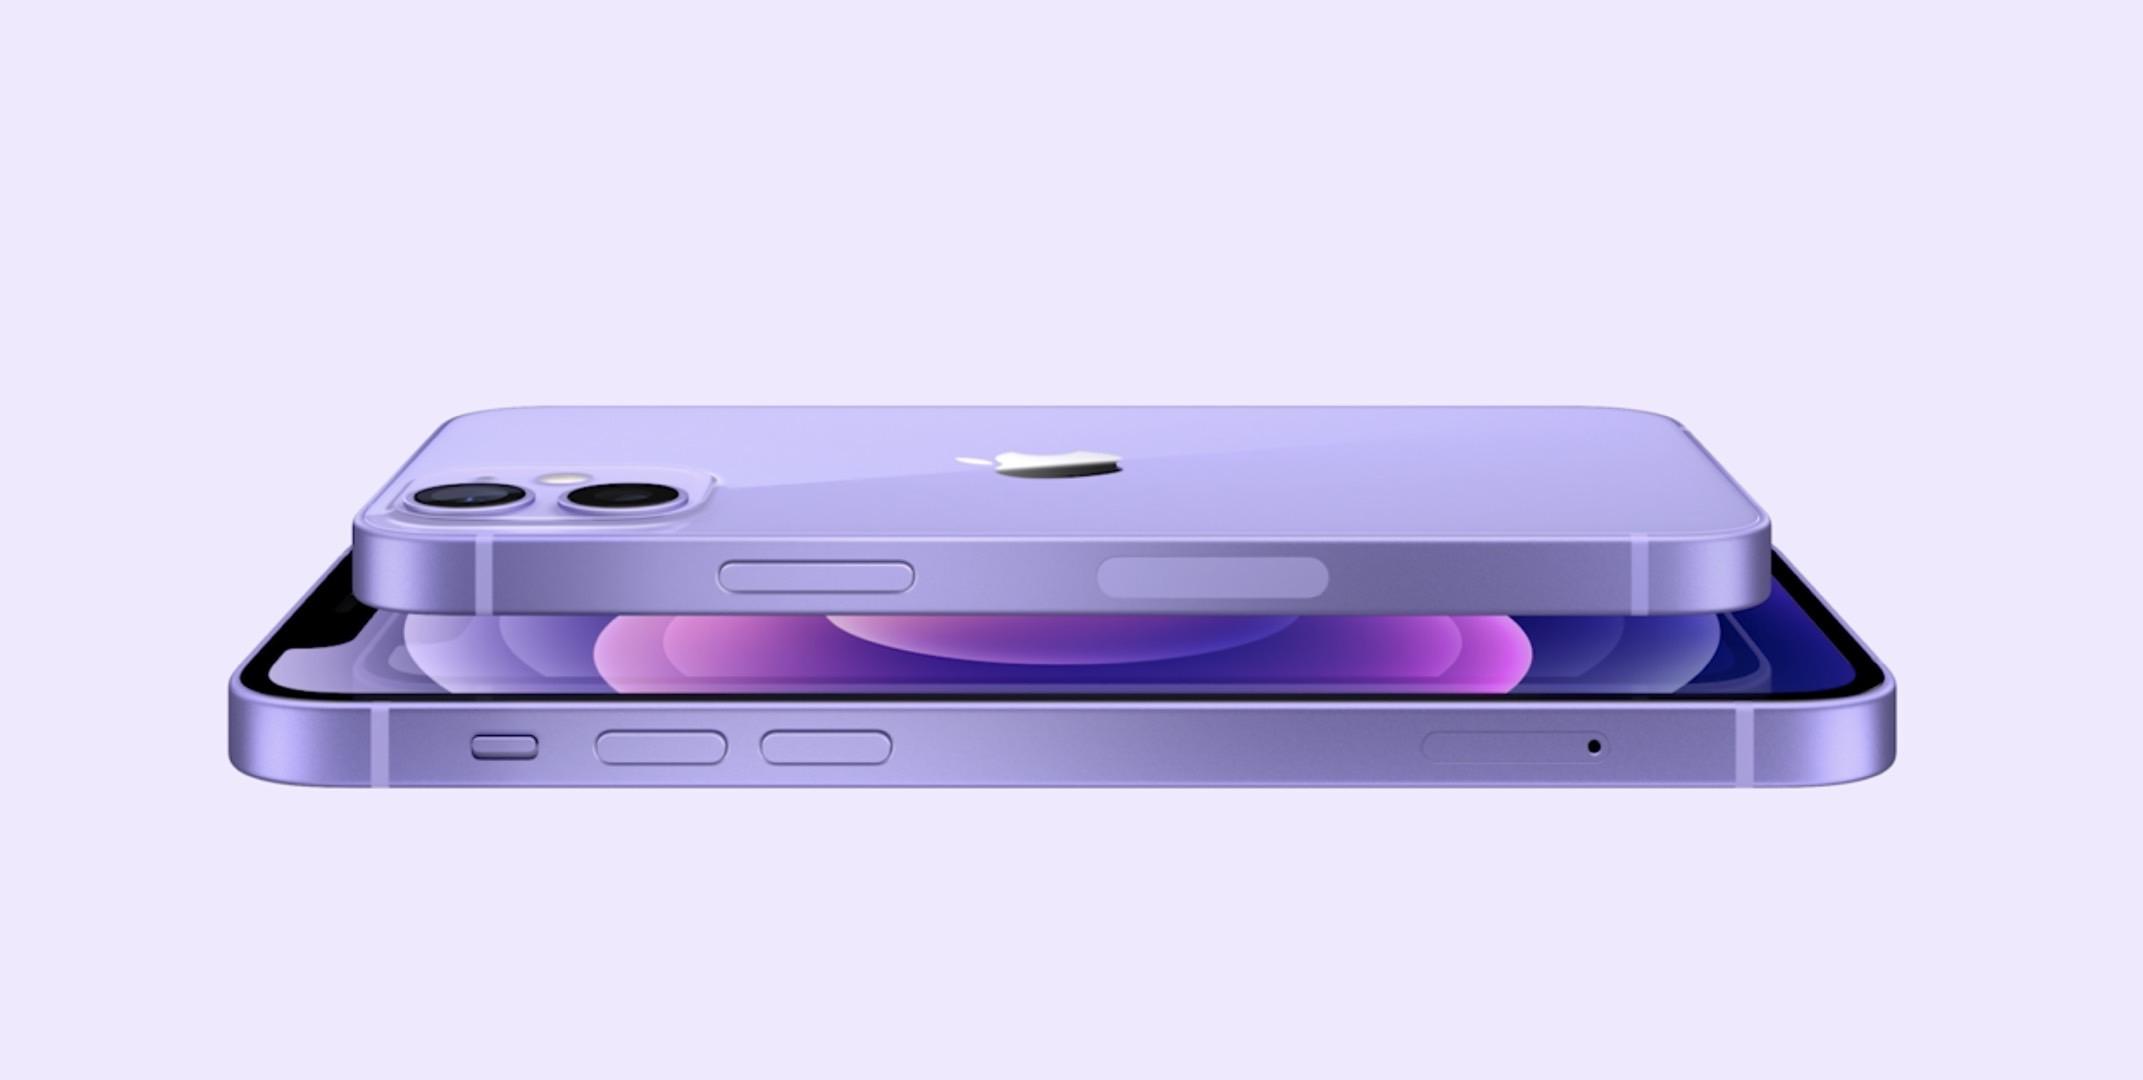 iPhone 12升级iOS 14.5.1 流畅性低于 iPhone XR